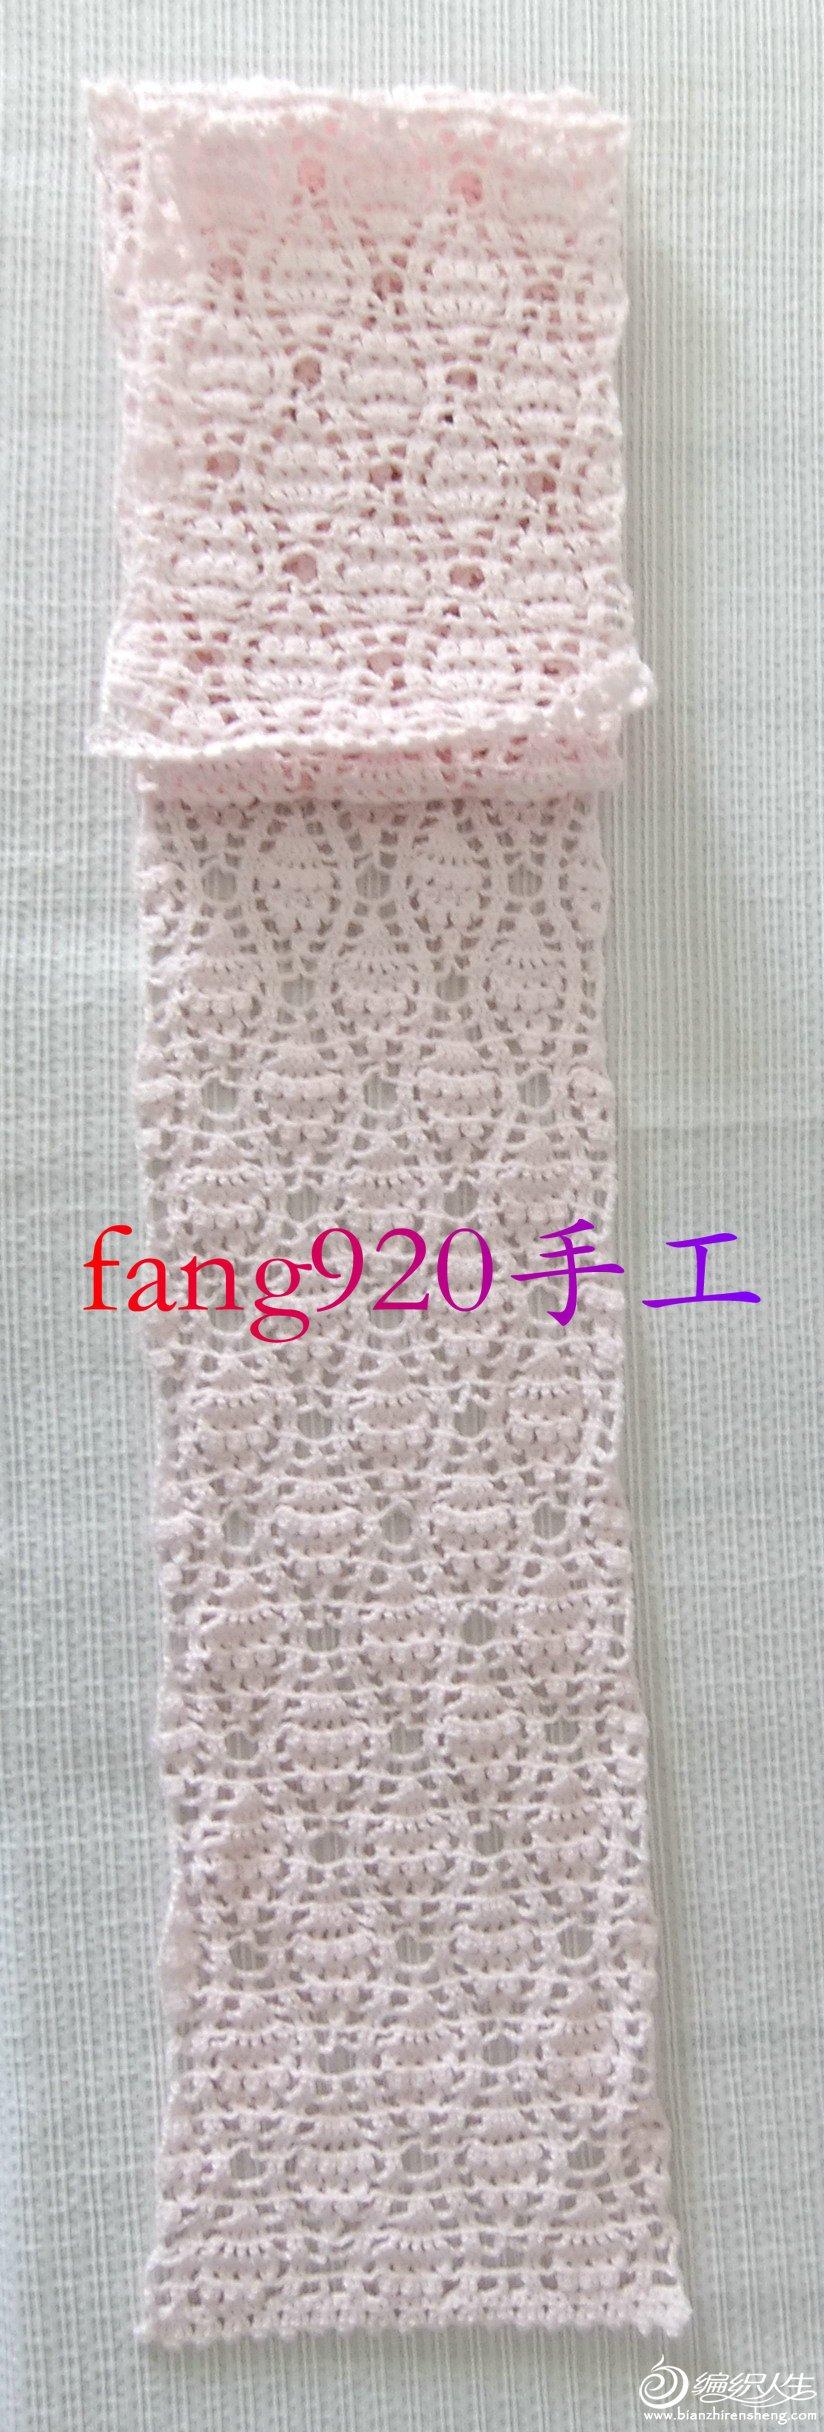 DSCF4874_副本1.JPG